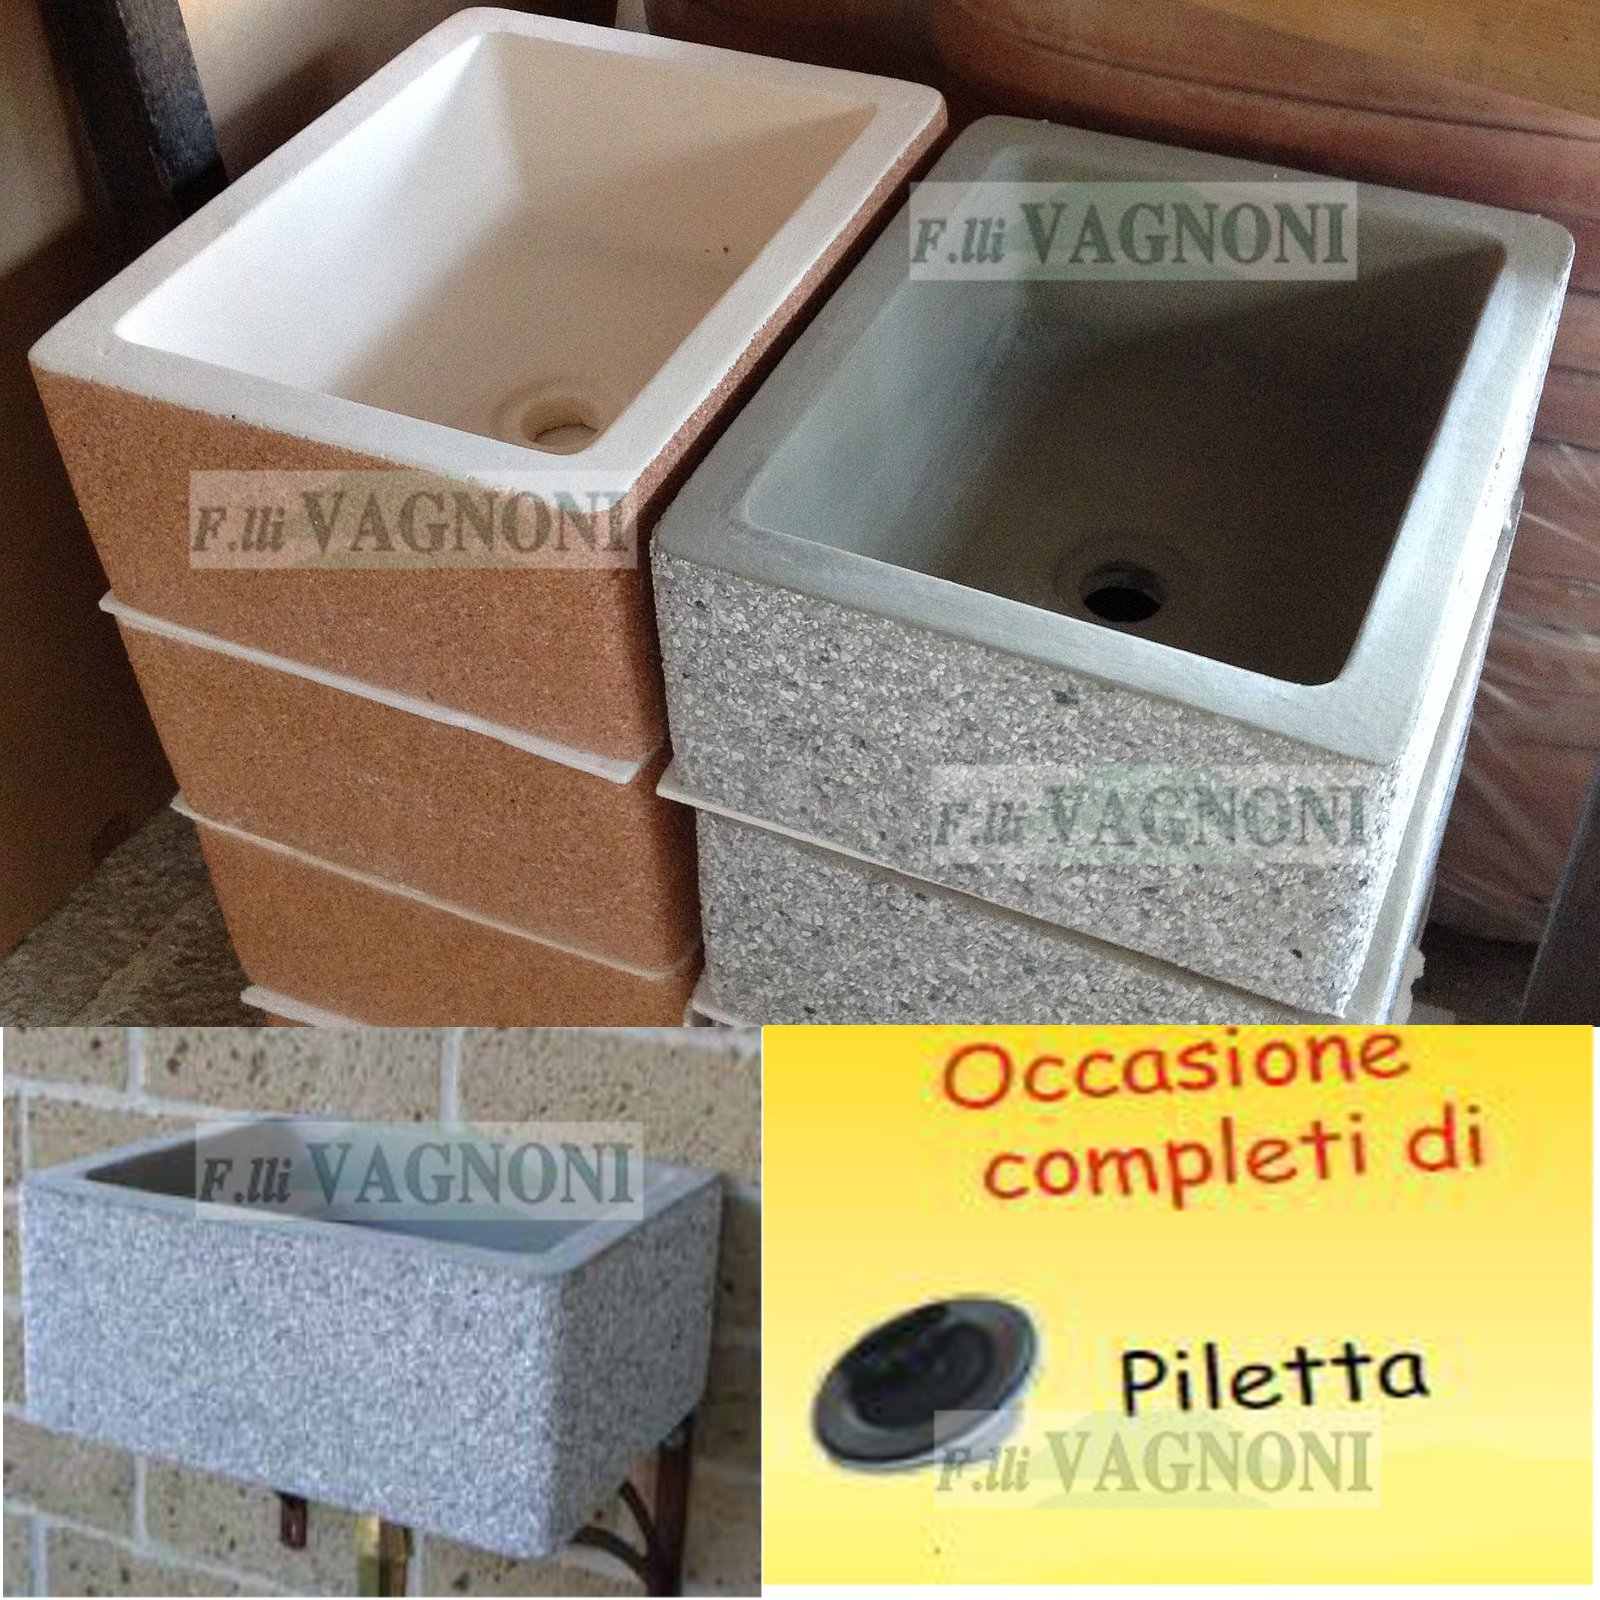 Cemento : Fratelli Vagnoni Store!, Per Arredare.... Con Stile.